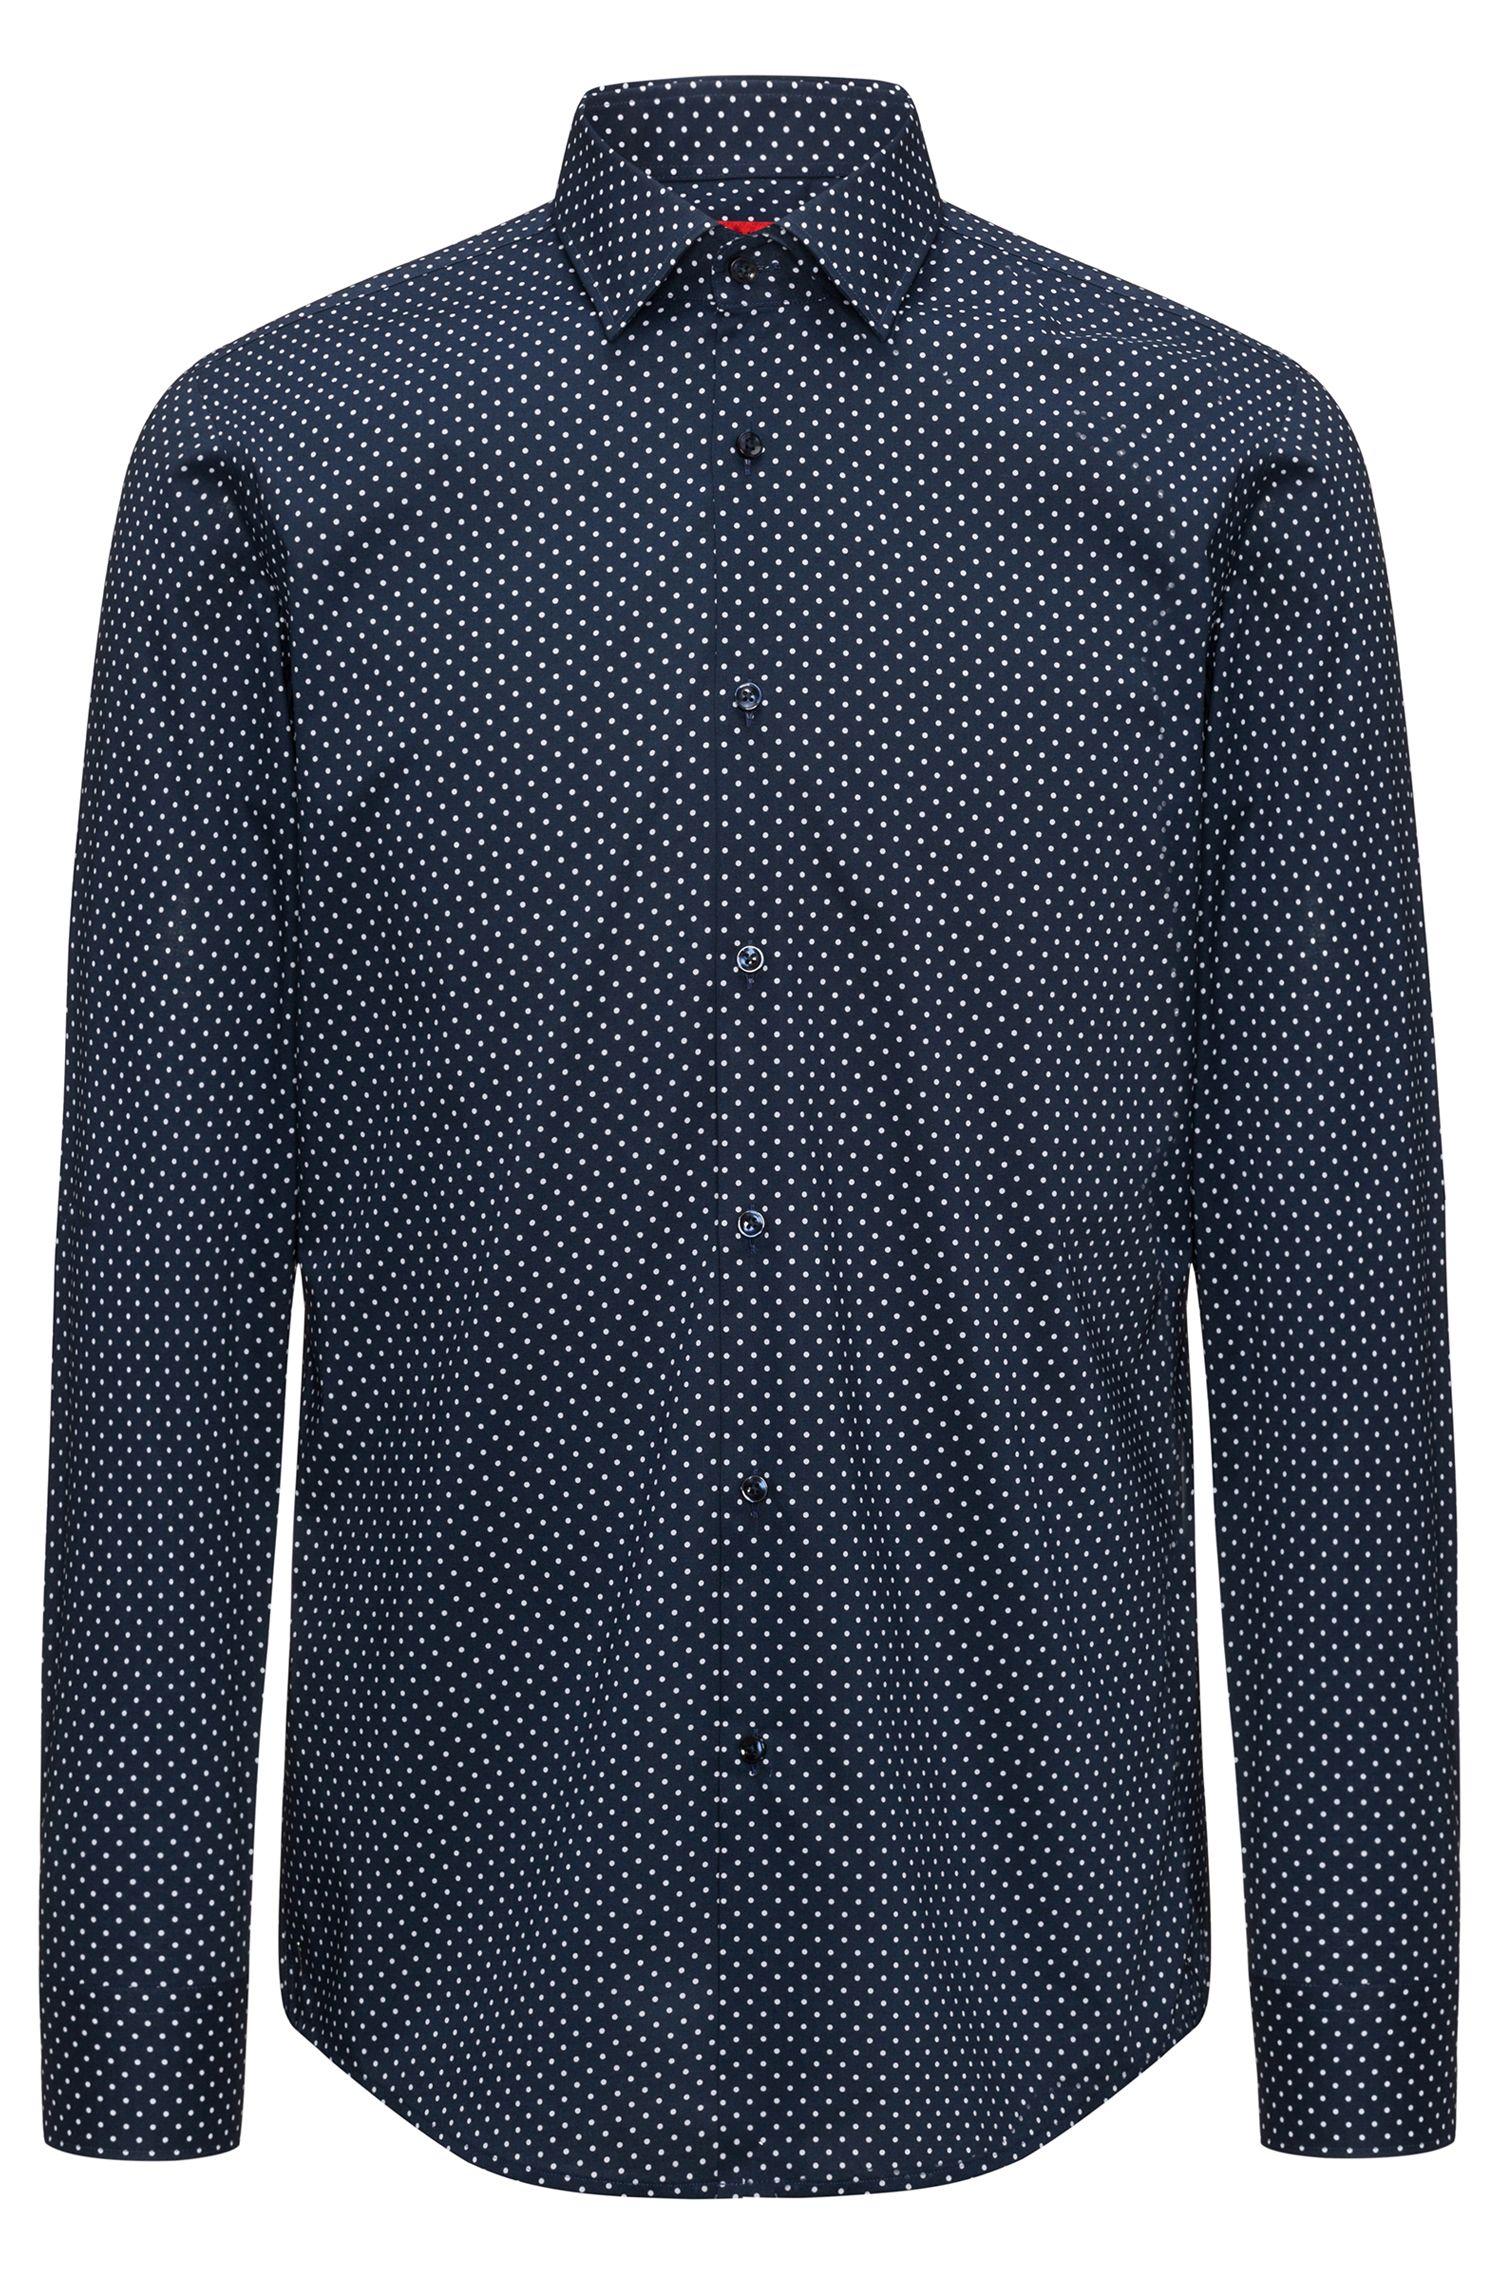 Camisa slim fit en algodón con estampado de puntos